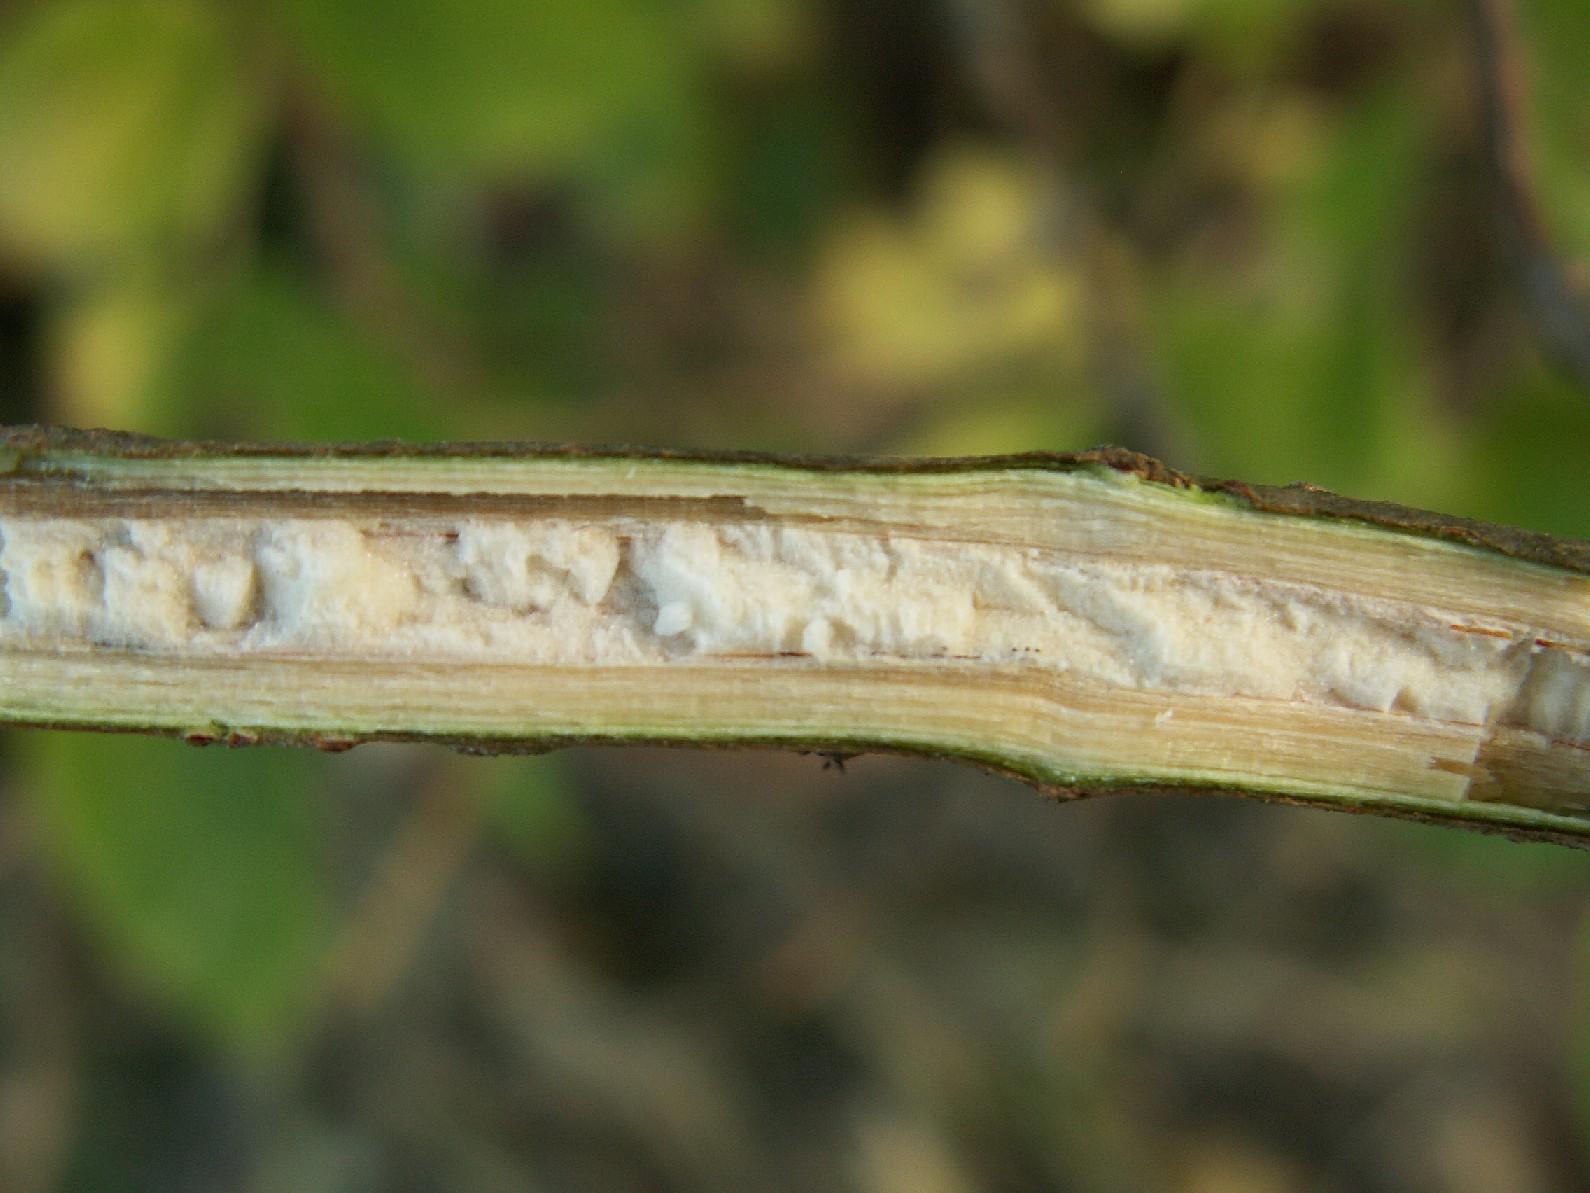 Elderberry stem by Krzysztof Ziarnek